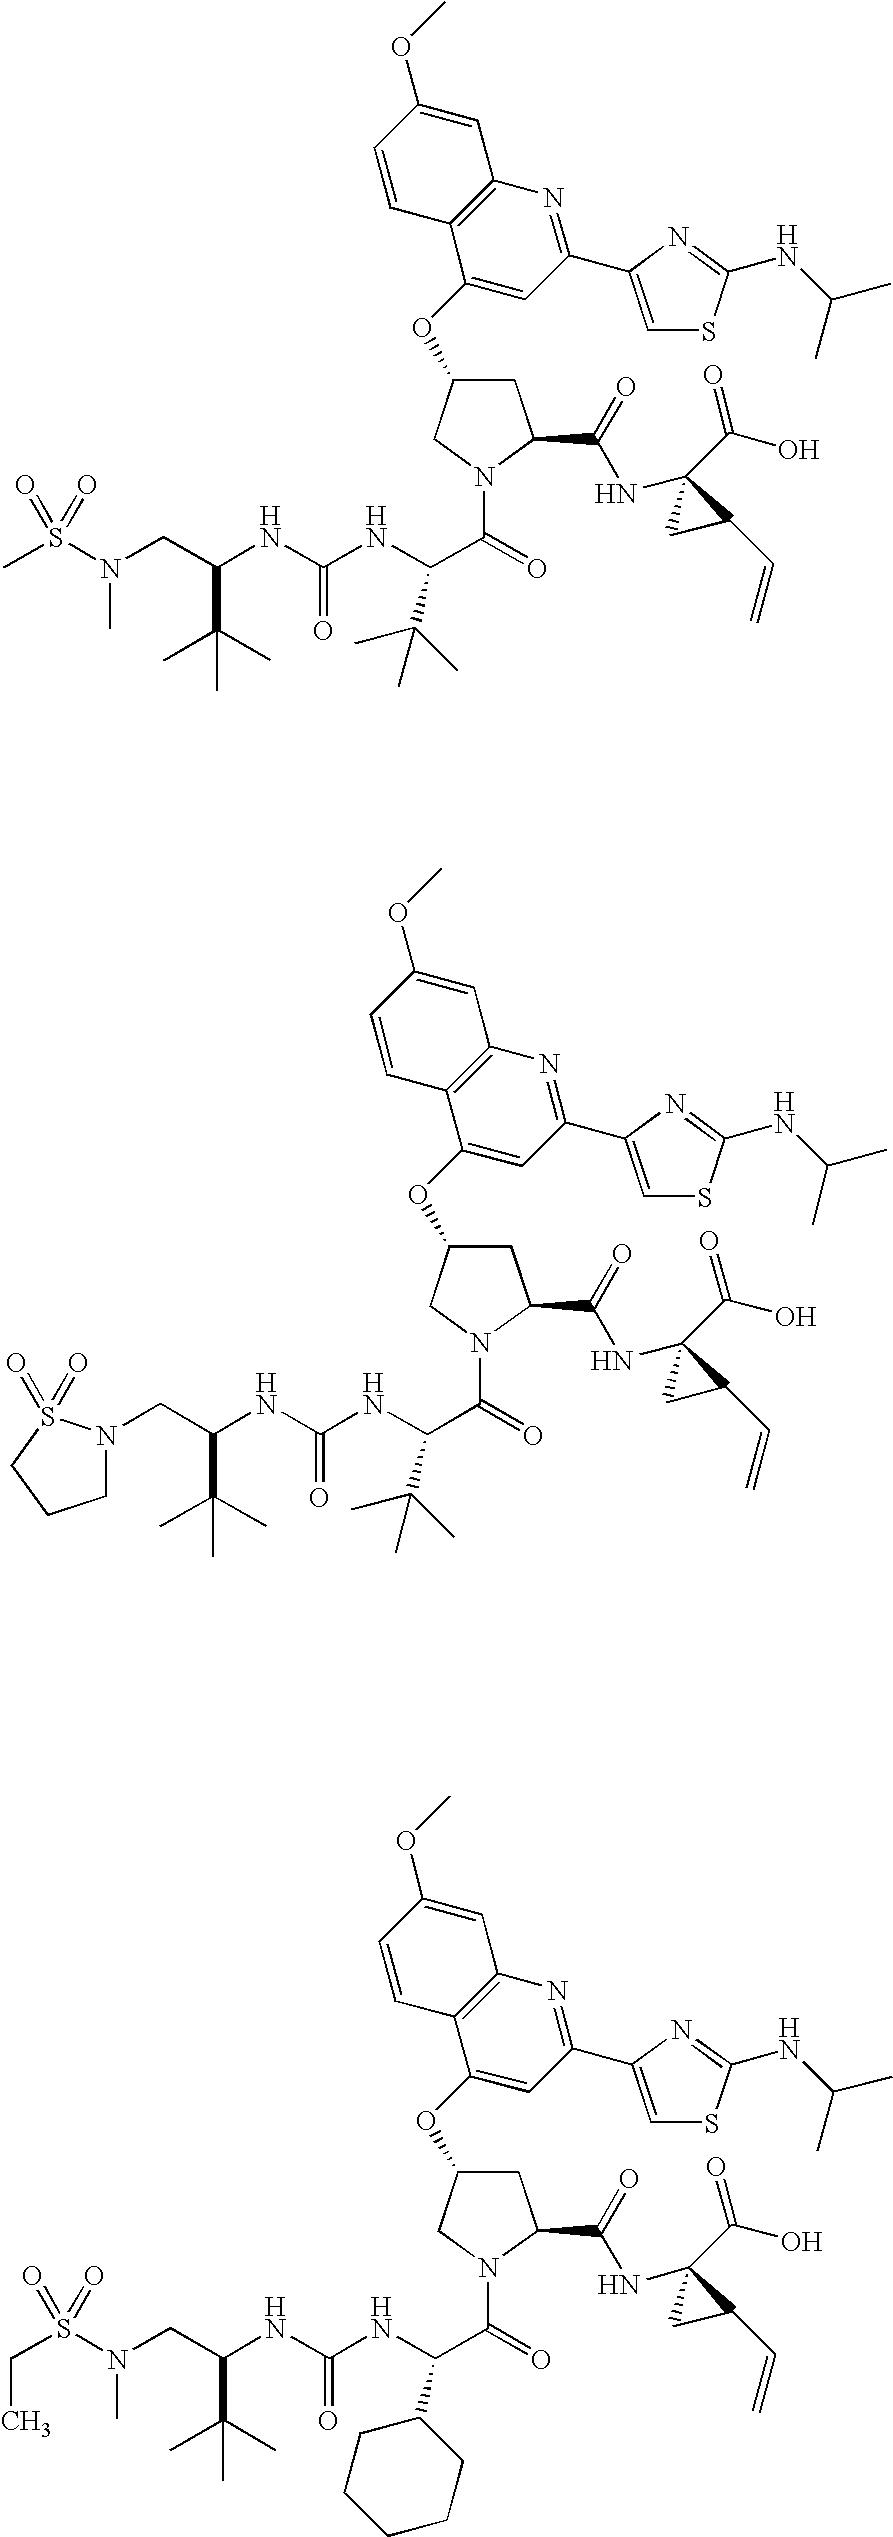 Figure US20060287248A1-20061221-C00186